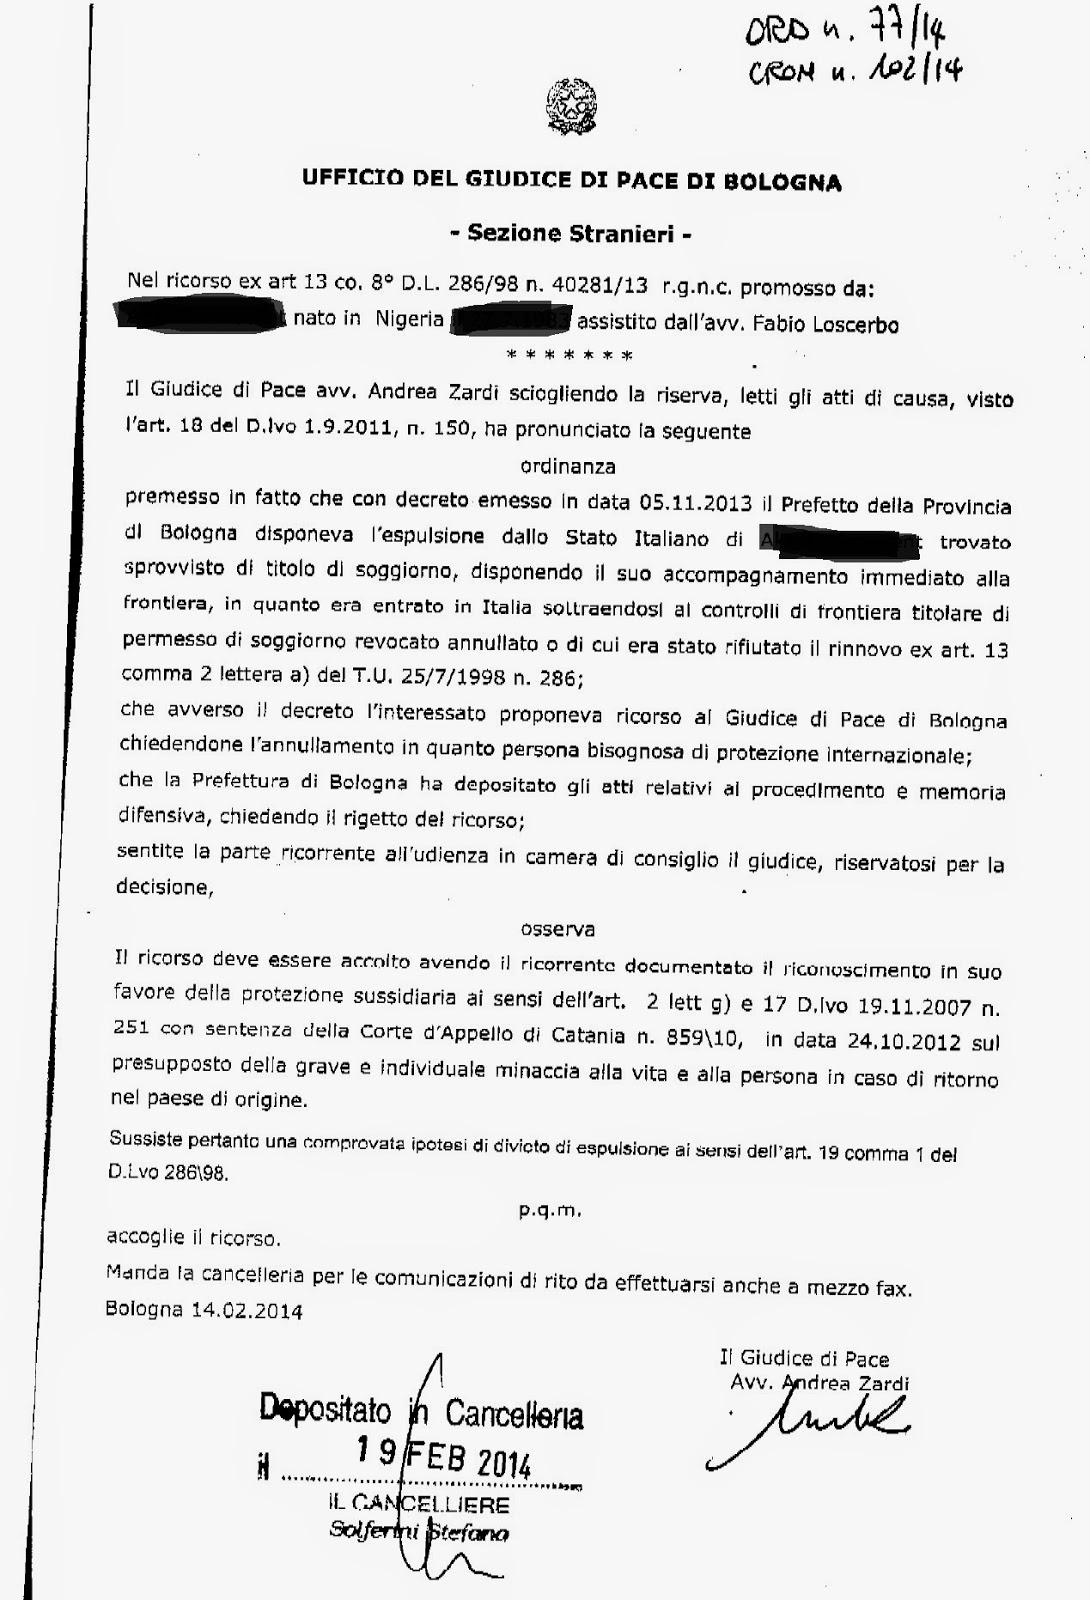 PERMESSO DI SOGGIORNO - RINNOVO - OMESSA NOTIFICA DEL PREAVVISO DI ...